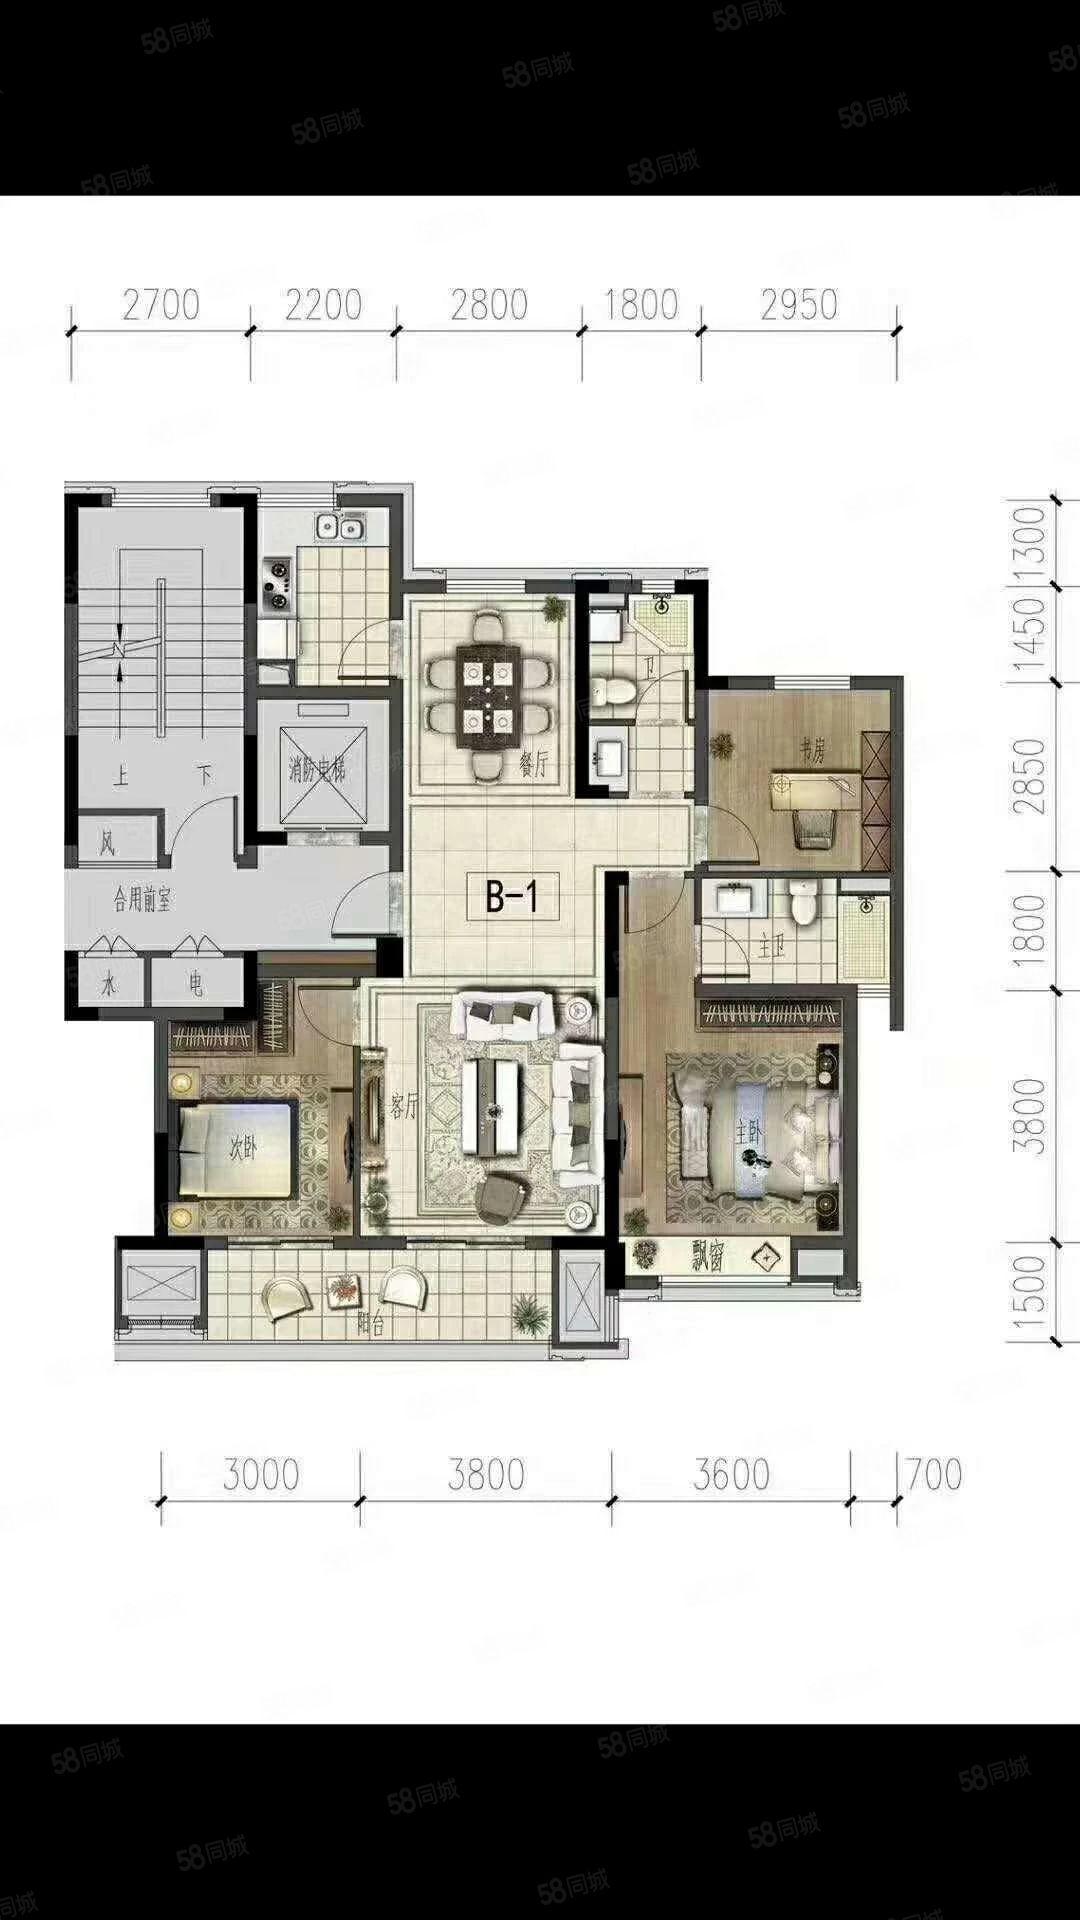 绿城桂语江南楼层适中低于市场价10万首付只要15万